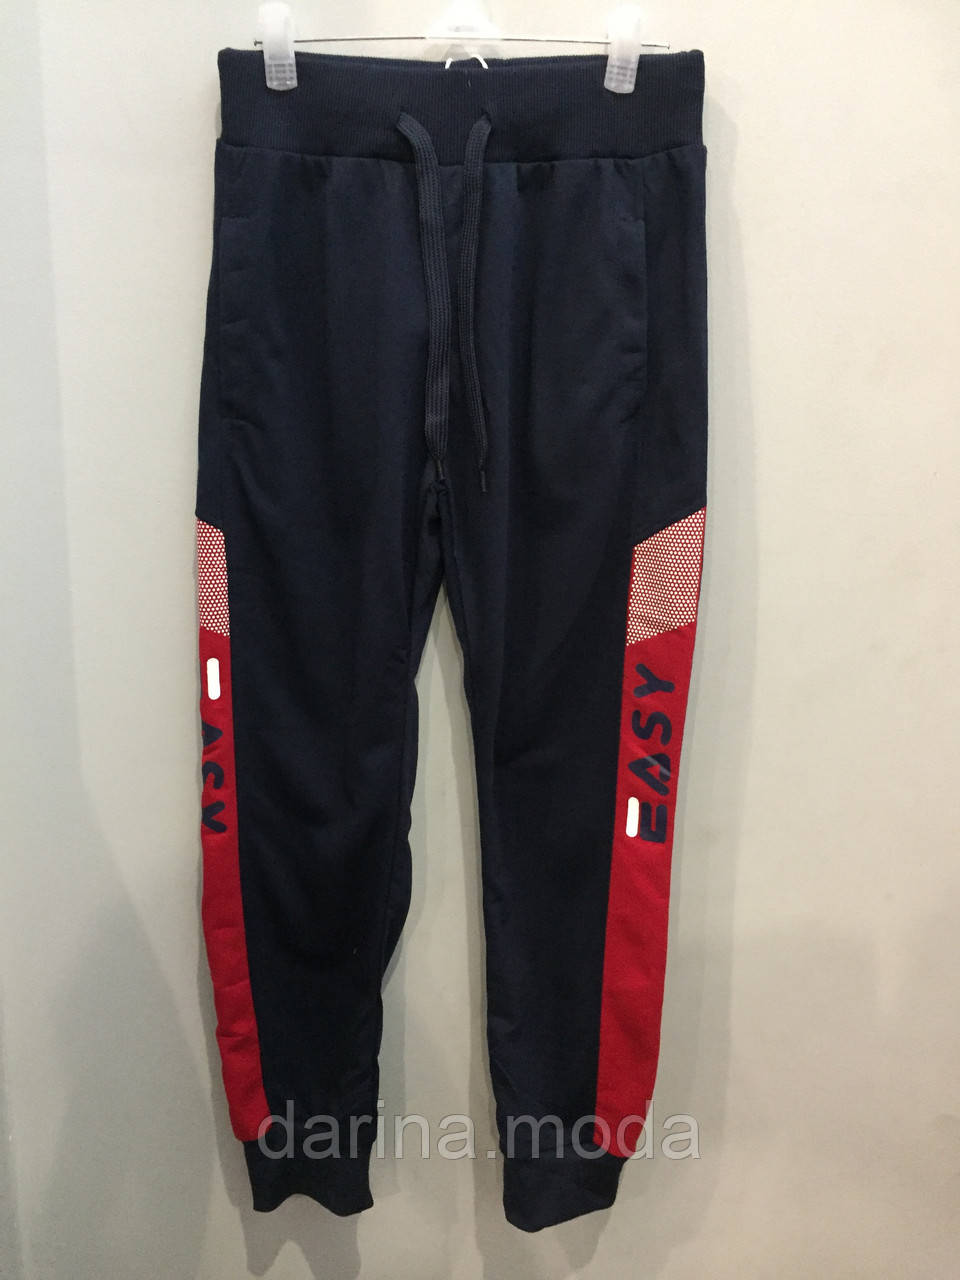 Спортивные штаны для мальчика подростка 134 см